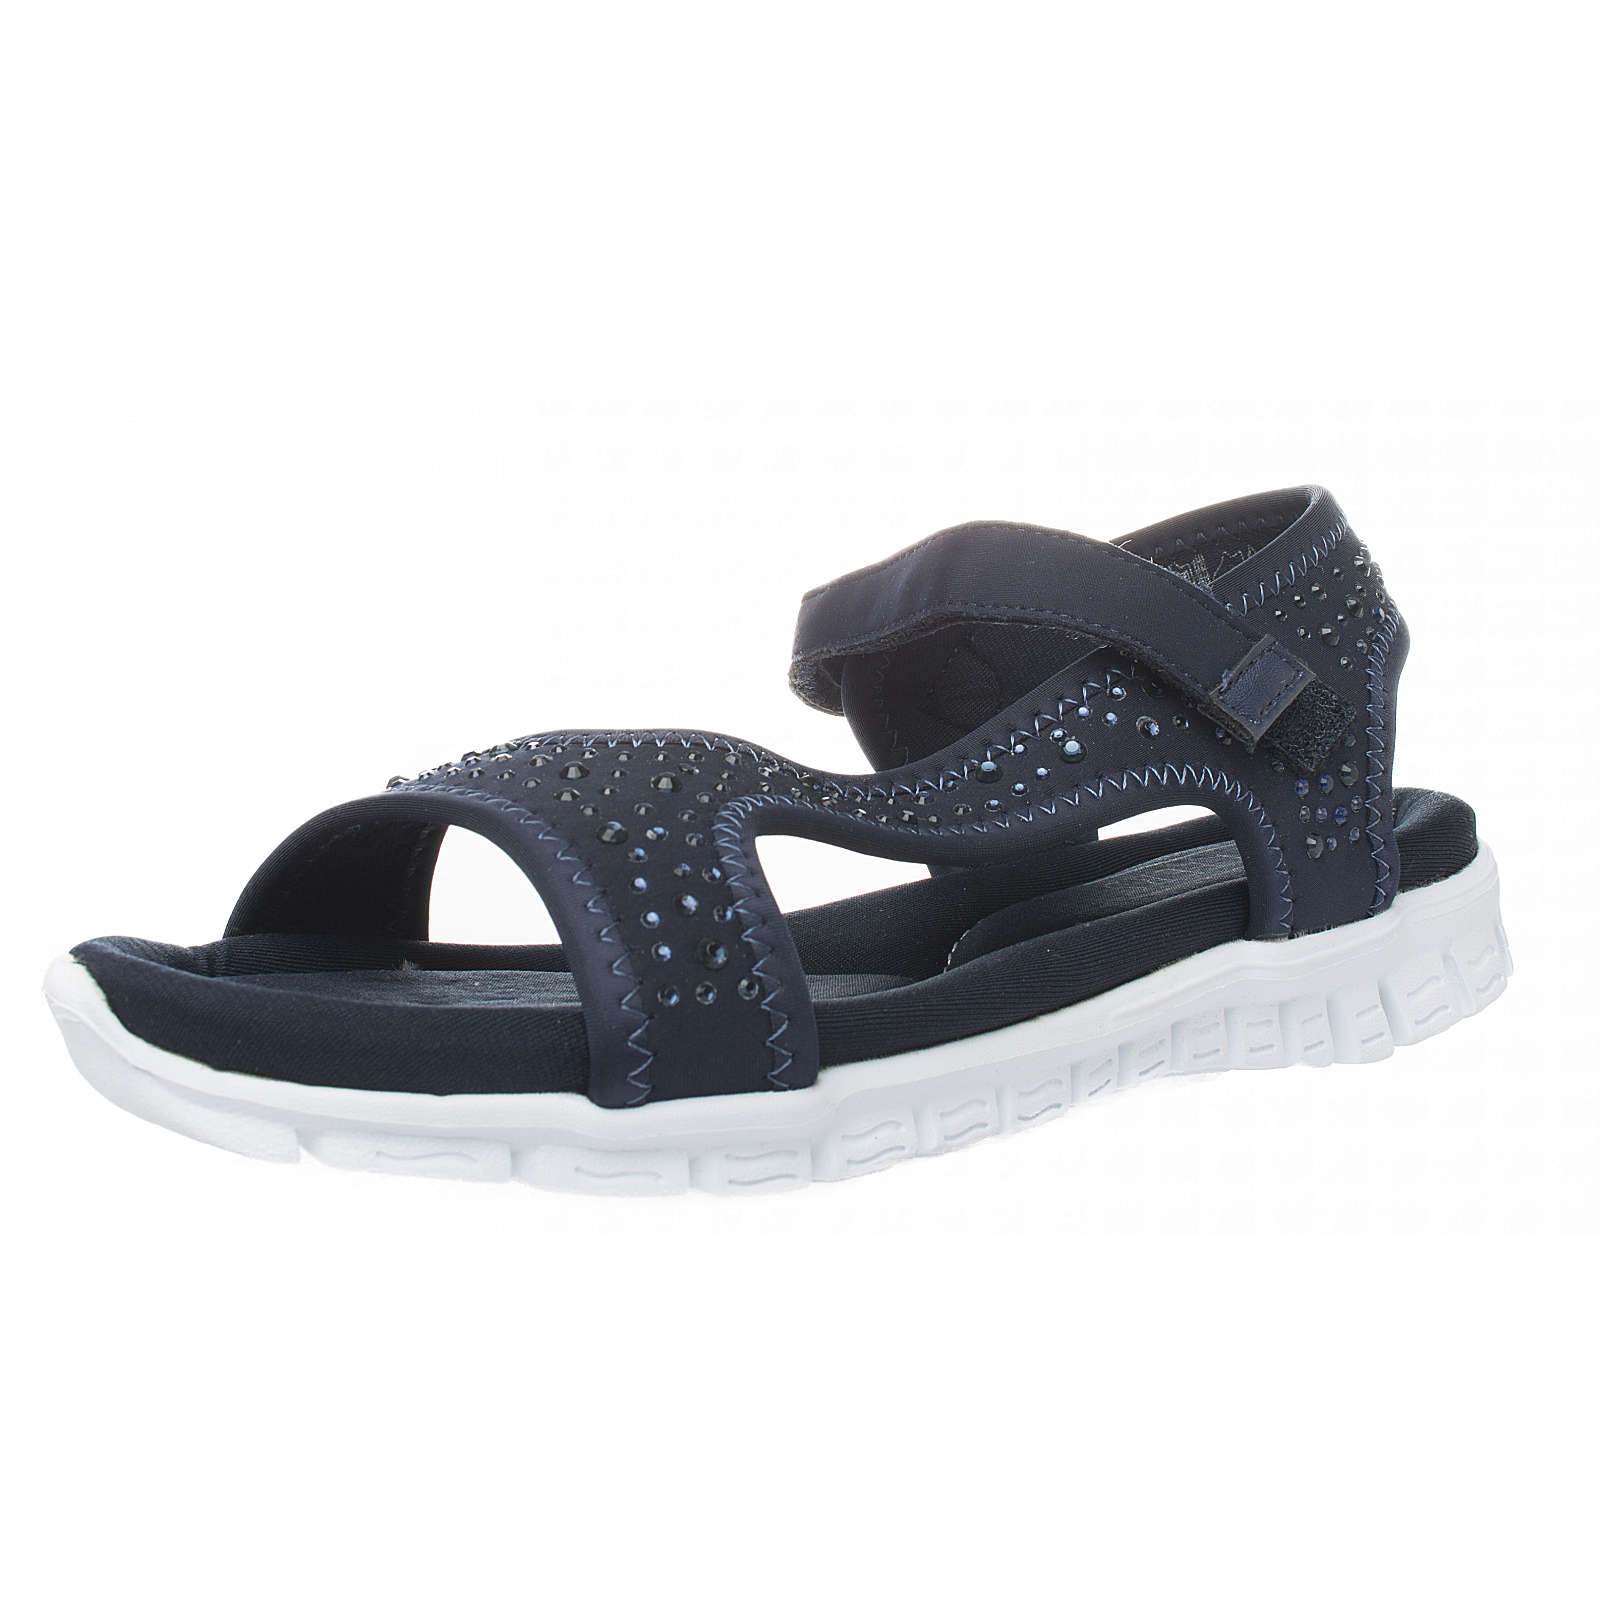 Fitters Footwear AngelKlassische Sandalen dunkelblau Damen Gr. 42